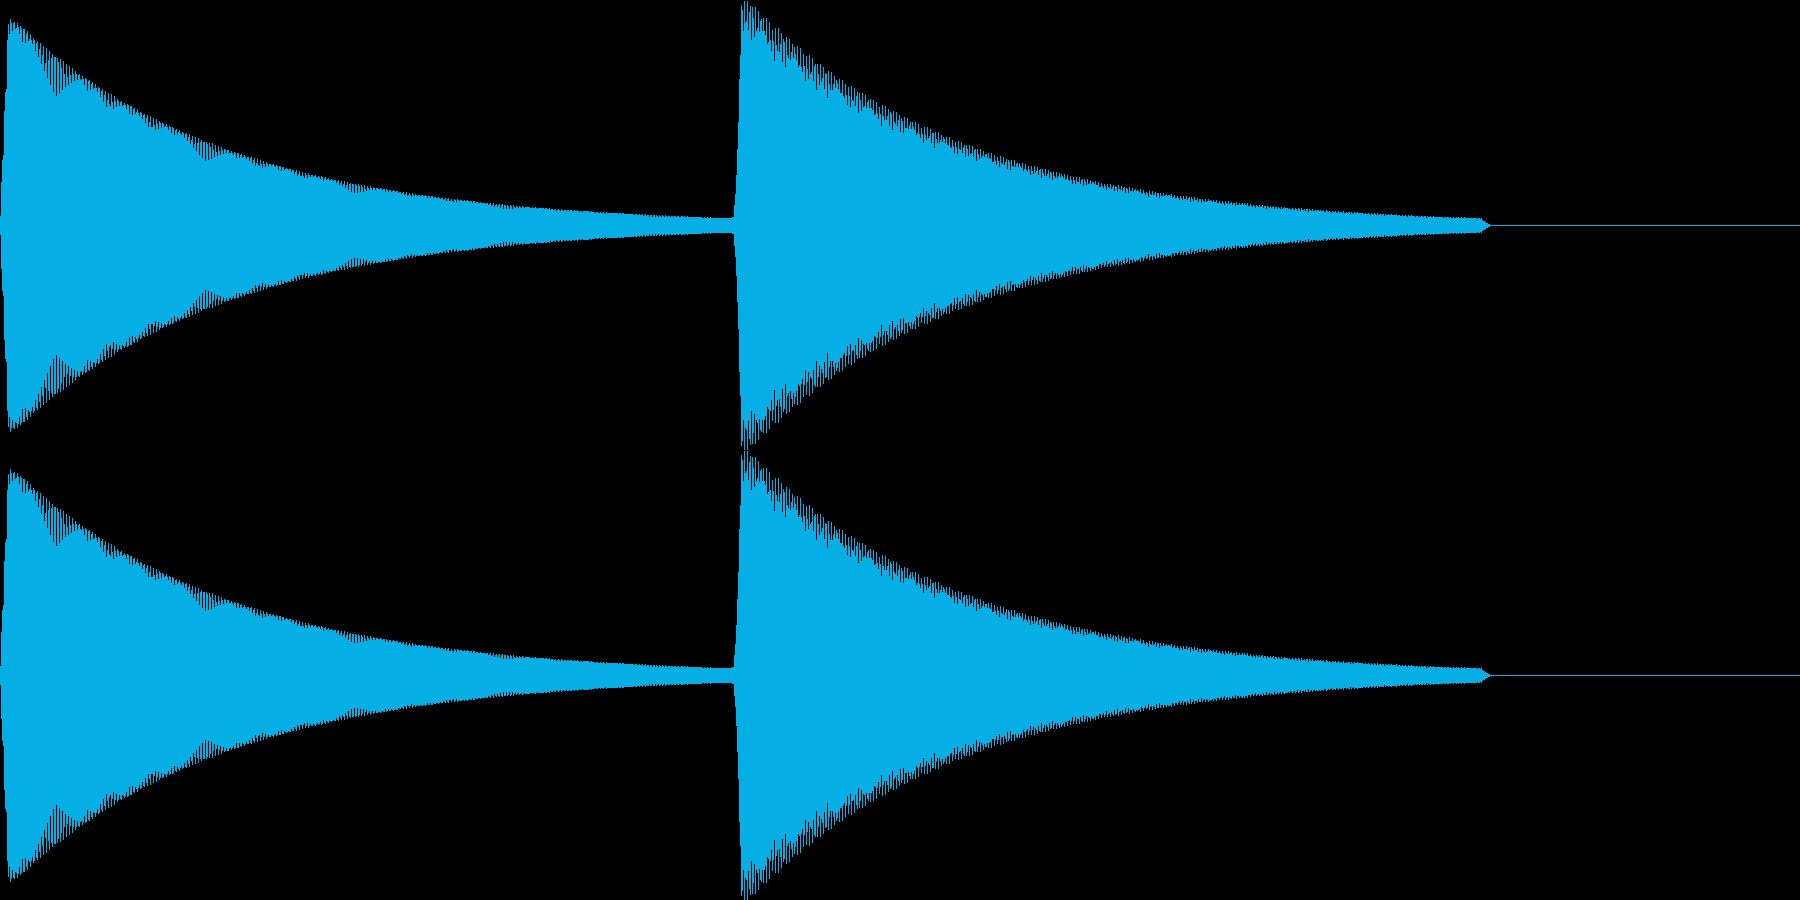 【SE】決定音11(ピピィ)の再生済みの波形